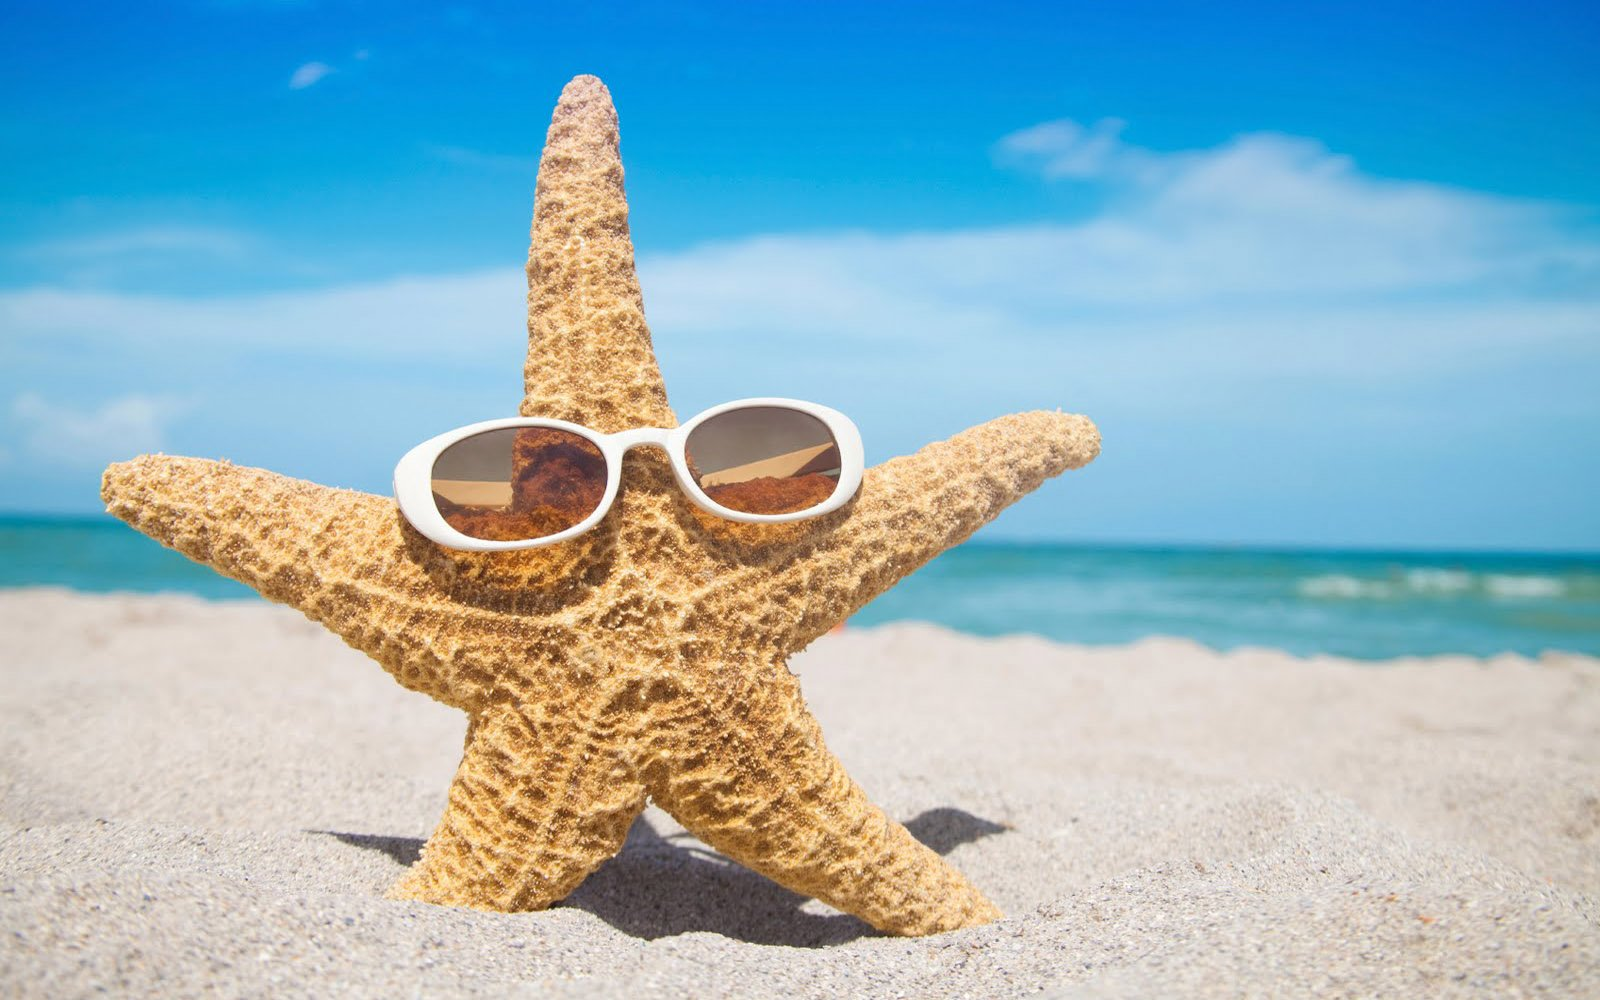 Любимому парню, красивые смешные картинки с морем